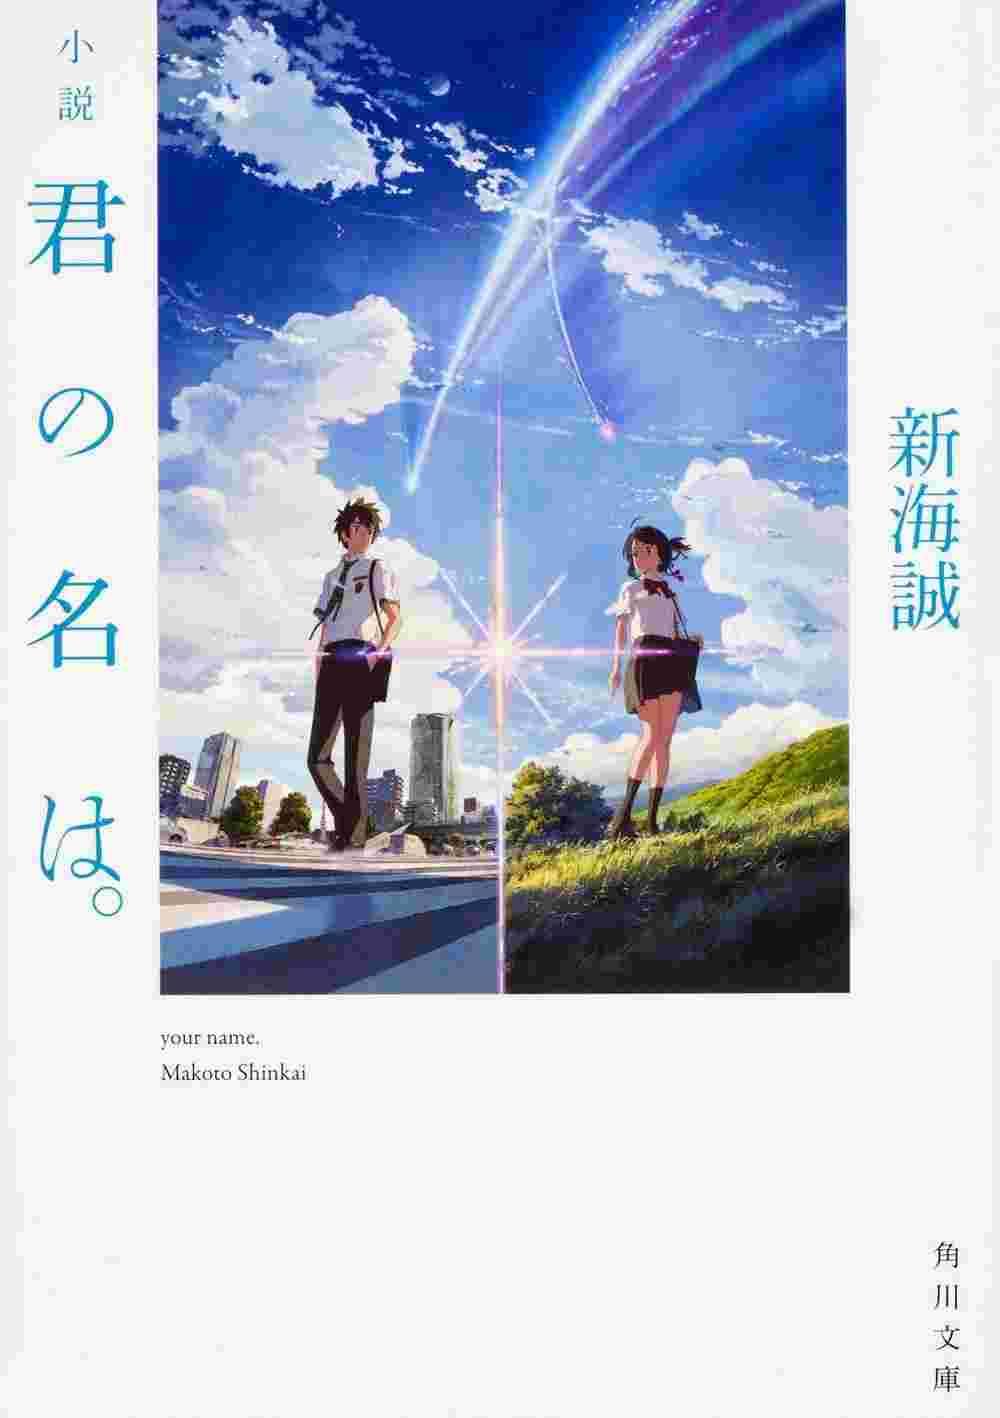 [代訂] 你的名字 文庫版(日文小說) | 小說 | 日文書 | 買動漫